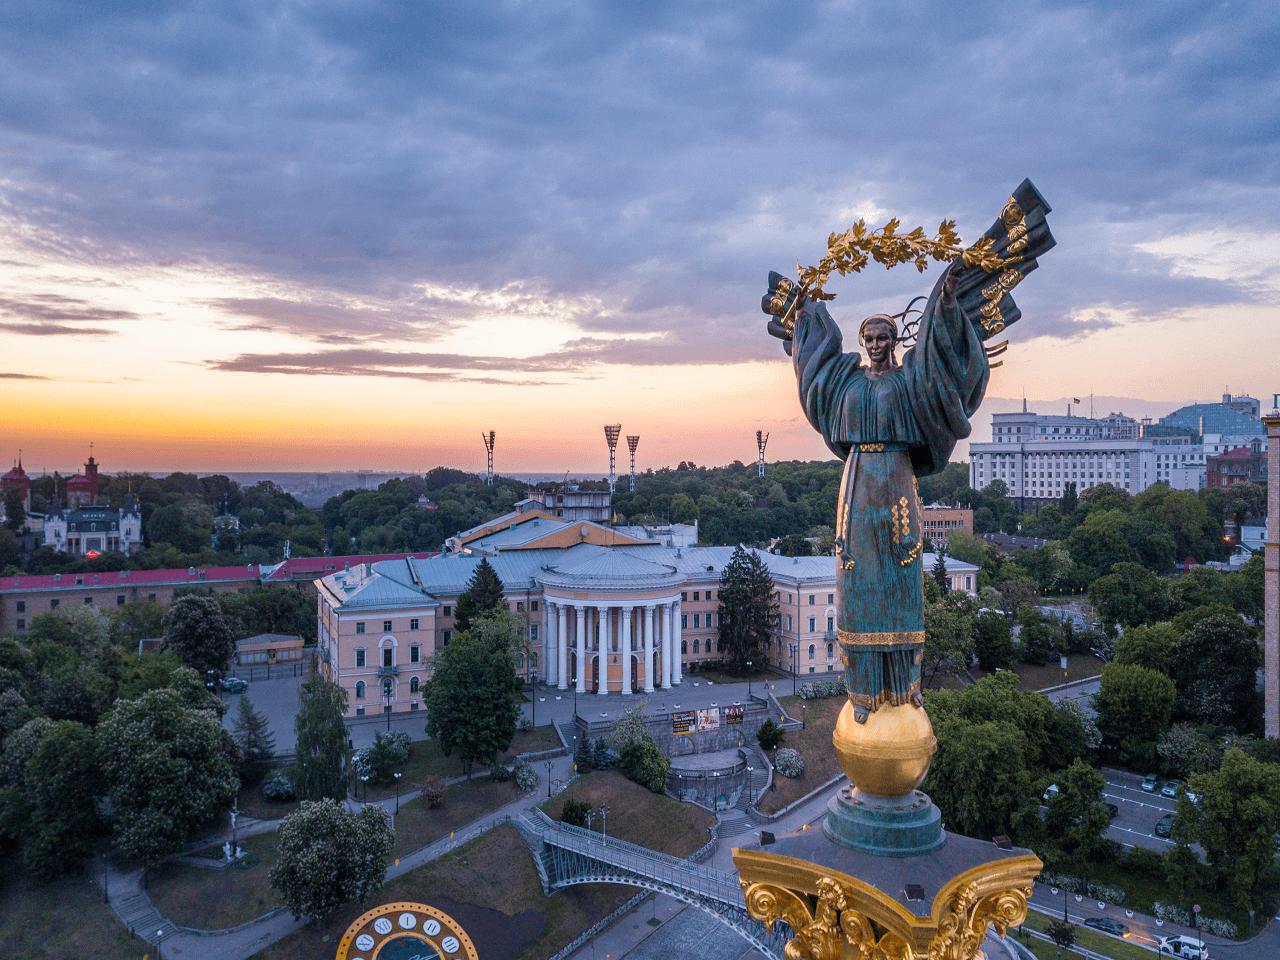 Birleşik Krallık ve Ukrayna Brexit Sonrası İçin Ortaklık Anlaşması İmzaladı